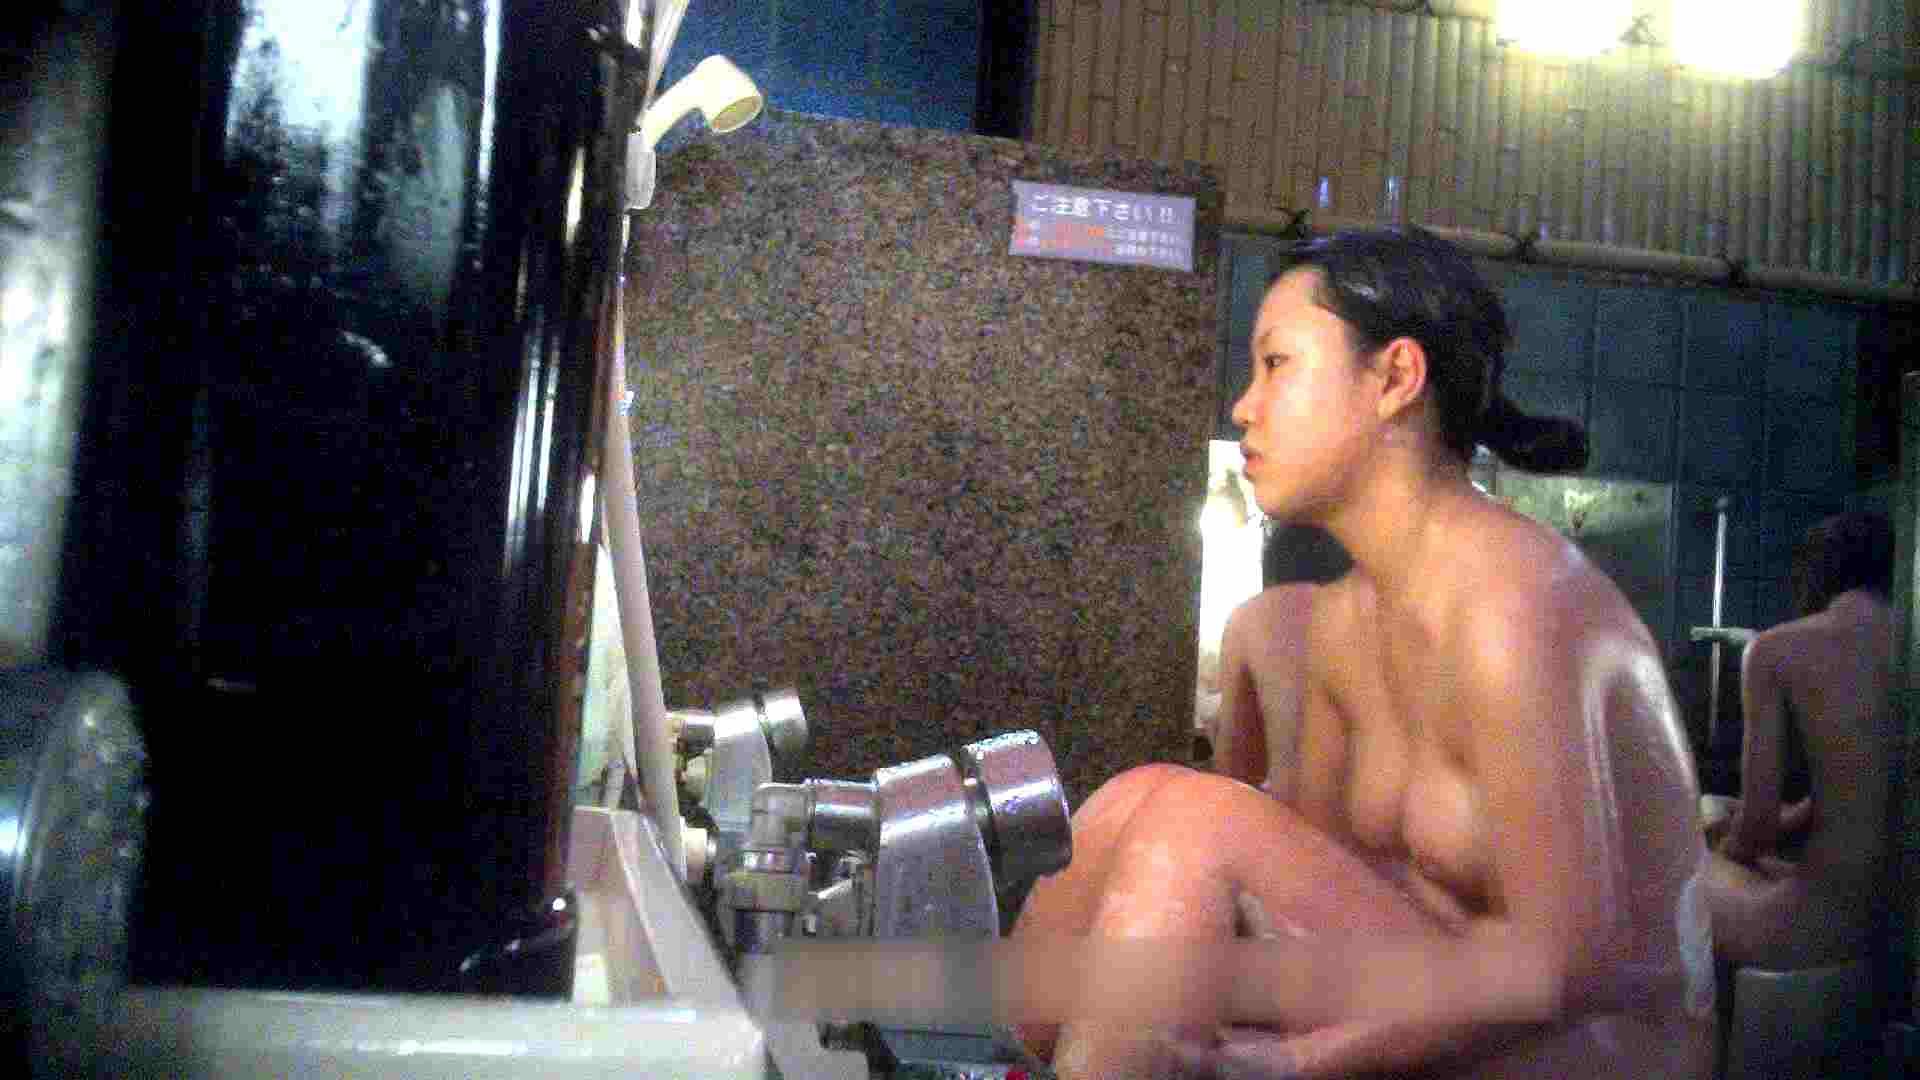 TG.08 【一等兵】陰毛の向こう側にむっちりちょいブサお嬢さん 潜入  53PIX 19